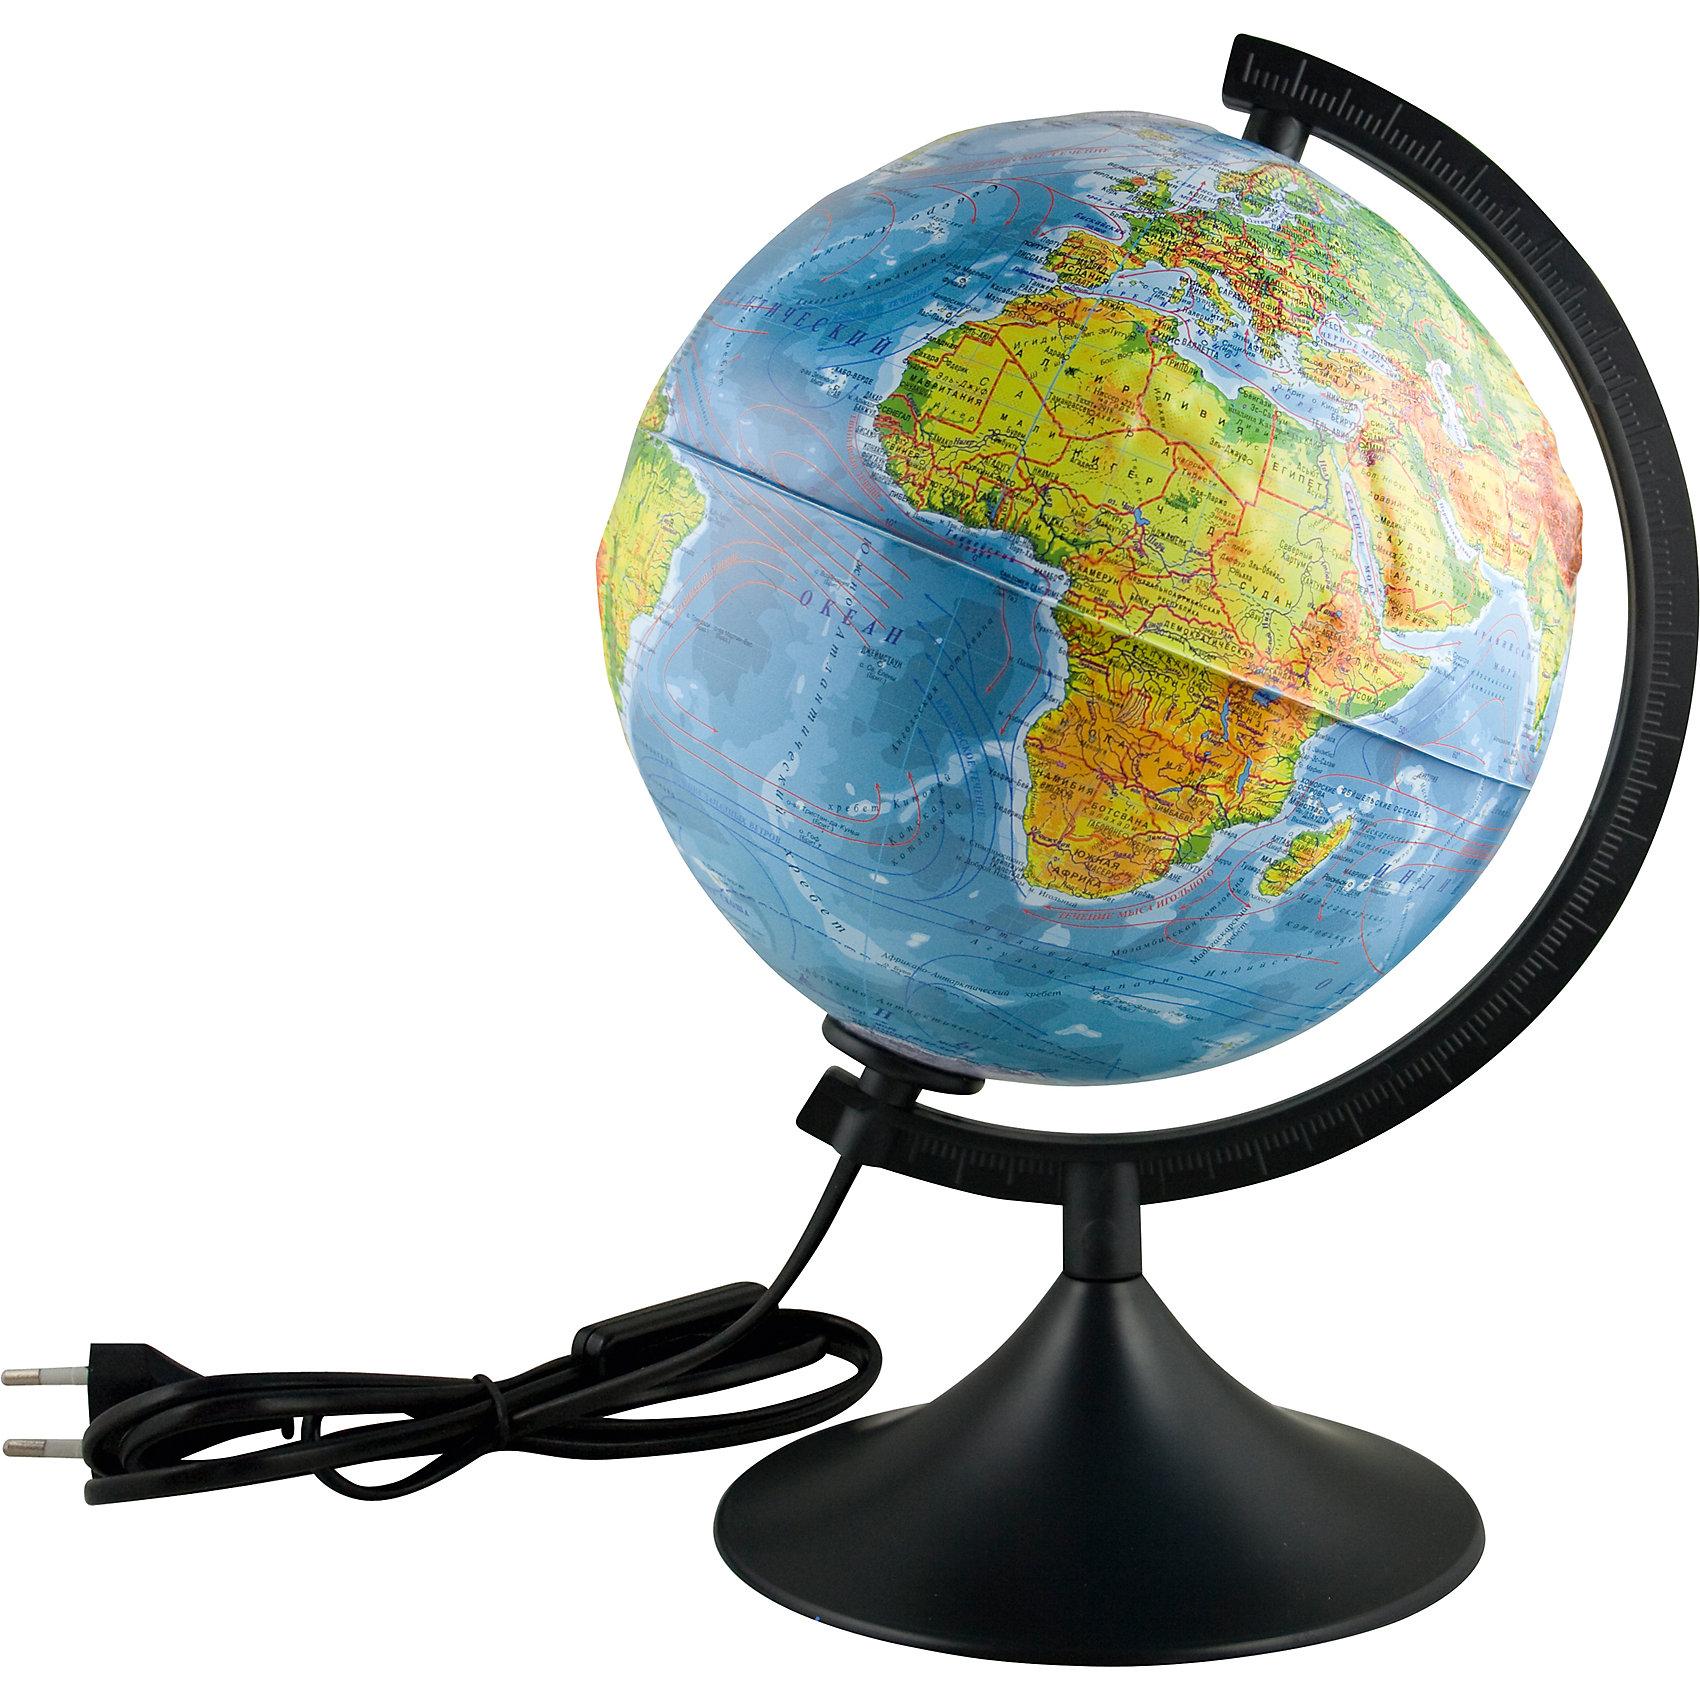 Глобус Земли физический  рельефный  с подсветкой, диаметр 210 ммПоследняя цена<br>Глобус Земли физический  рельефный  с подсветкой, д-р 210.<br><br>Характеристики:<br><br>• Для детей в возрасте: от 6 лет<br>• Диаметр: 21 см.<br>• Материал: пластик<br>• Цвет подставки и дуги: черный<br>• Подсветка работает от сети<br><br>Глобус Земли физический с подсветкой станет замечательным наглядным пособием для вашего ребенка. Физическая карта отображает ландшафт поверхности земного шара в соответствии с принятыми цветовыми условными обозначениями в картографии. Нанесены названия материков, океанов, морей, течений, заливов, горных хребтов, плоскогорий и низменностей, а также других географических объектов. Кроме этого отображены названия государств. Надписи яркие, четкие на русском языке. Карта имеет рельеф поверхности в соответствии с нанесенным на нее ландшафтом. Сфера глобуса изготовлена из прочного высококачественного пластика, поэтому она не расколется от случайного падения. Устойчивая подставка и дуга с градусными отметками выполнены из прочного высококачественного пластика черного цвета. Для усиления цветового эффекта рельефного ландшафта можно включить подсветку. Подсветка работает от стационарной сети в 220 Вольт. Провод изолирован, есть переключатель. Диаметр сферы 21 см - это оптимальный вариант для дошкольников и учащихся начальной школы. При таком размере достаточно подробно отображена карта мира, при этом глобус не занимает много места, и его легко держать ребенку в руках.<br><br>Глобус Земли физический  рельефный  с подсветкой, д-р 210 можно купить в нашем интернет-магазине.<br><br>Ширина мм: 230<br>Глубина мм: 210<br>Высота мм: 210<br>Вес г: 500<br>Возраст от месяцев: 72<br>Возраст до месяцев: 2147483647<br>Пол: Унисекс<br>Возраст: Детский<br>SKU: 5504462